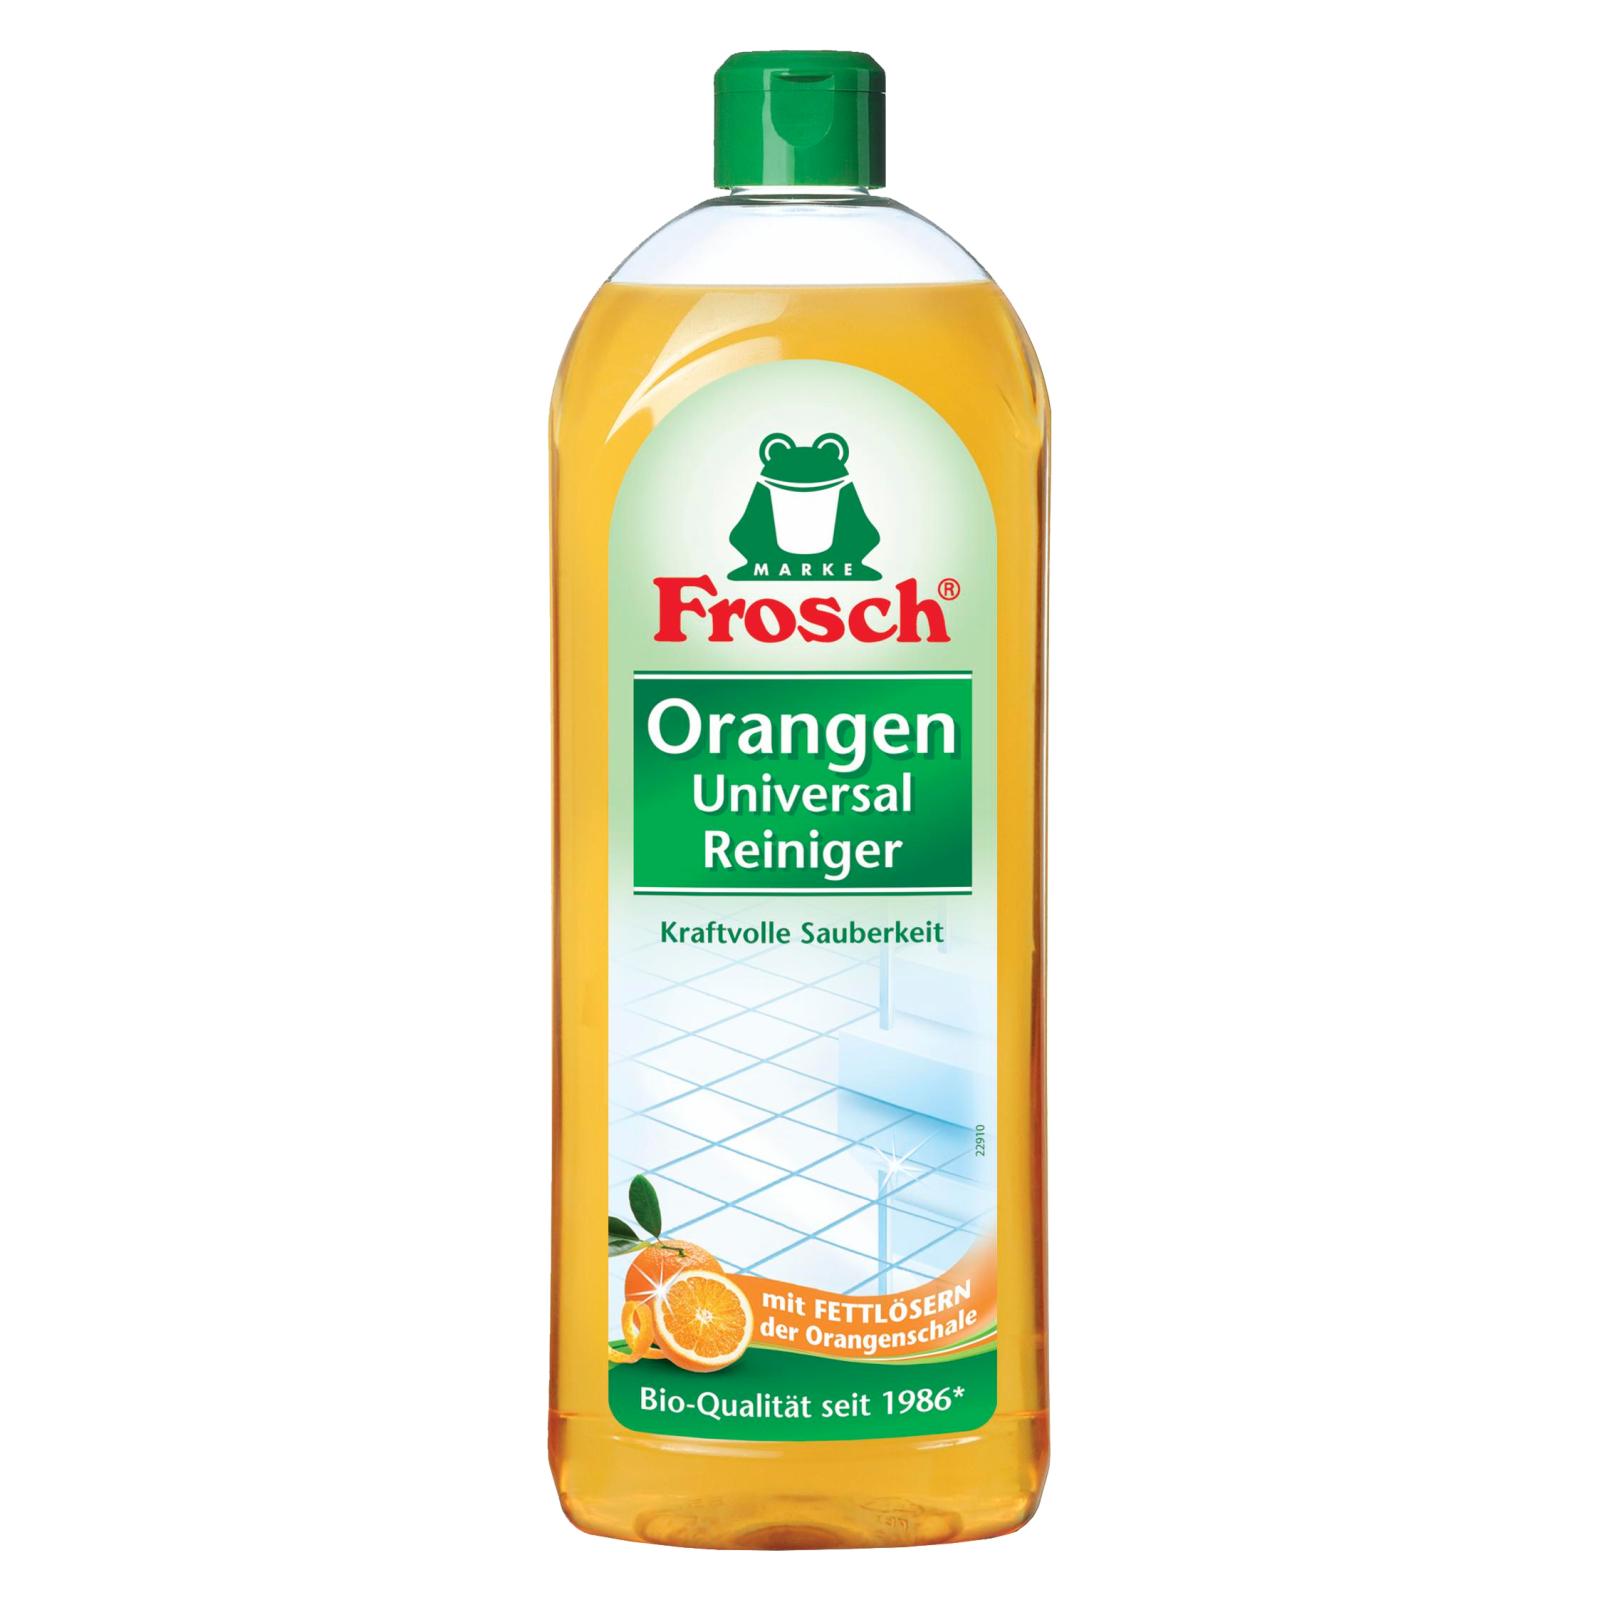 Моющая жидкость для уборки Frosch Апельсин 750 мл (4001499140648)